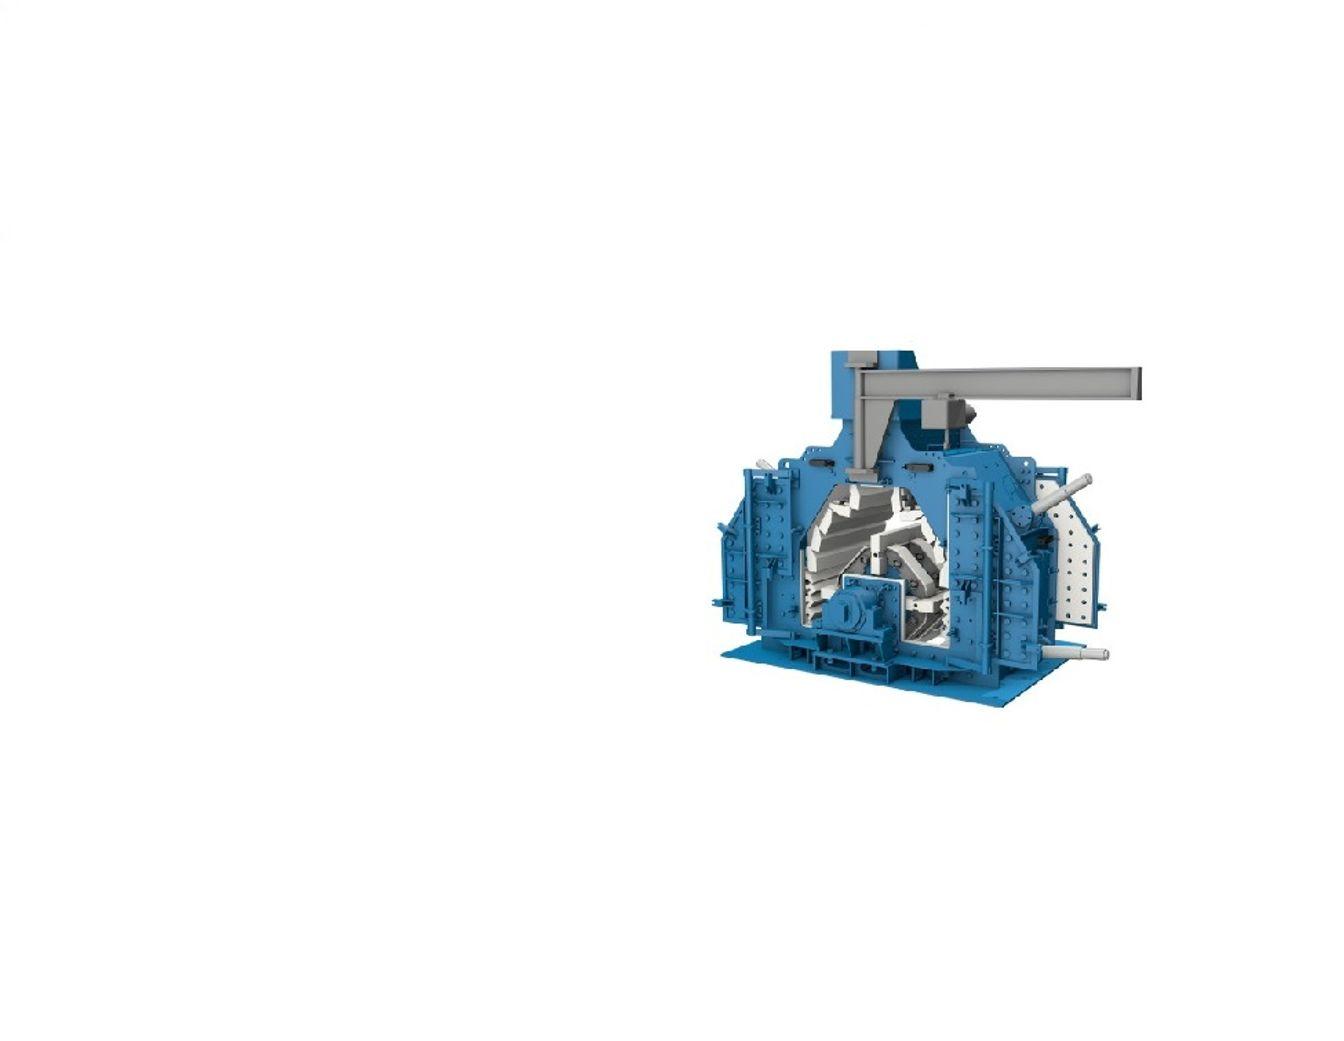 variopactor von thyssenkrupp